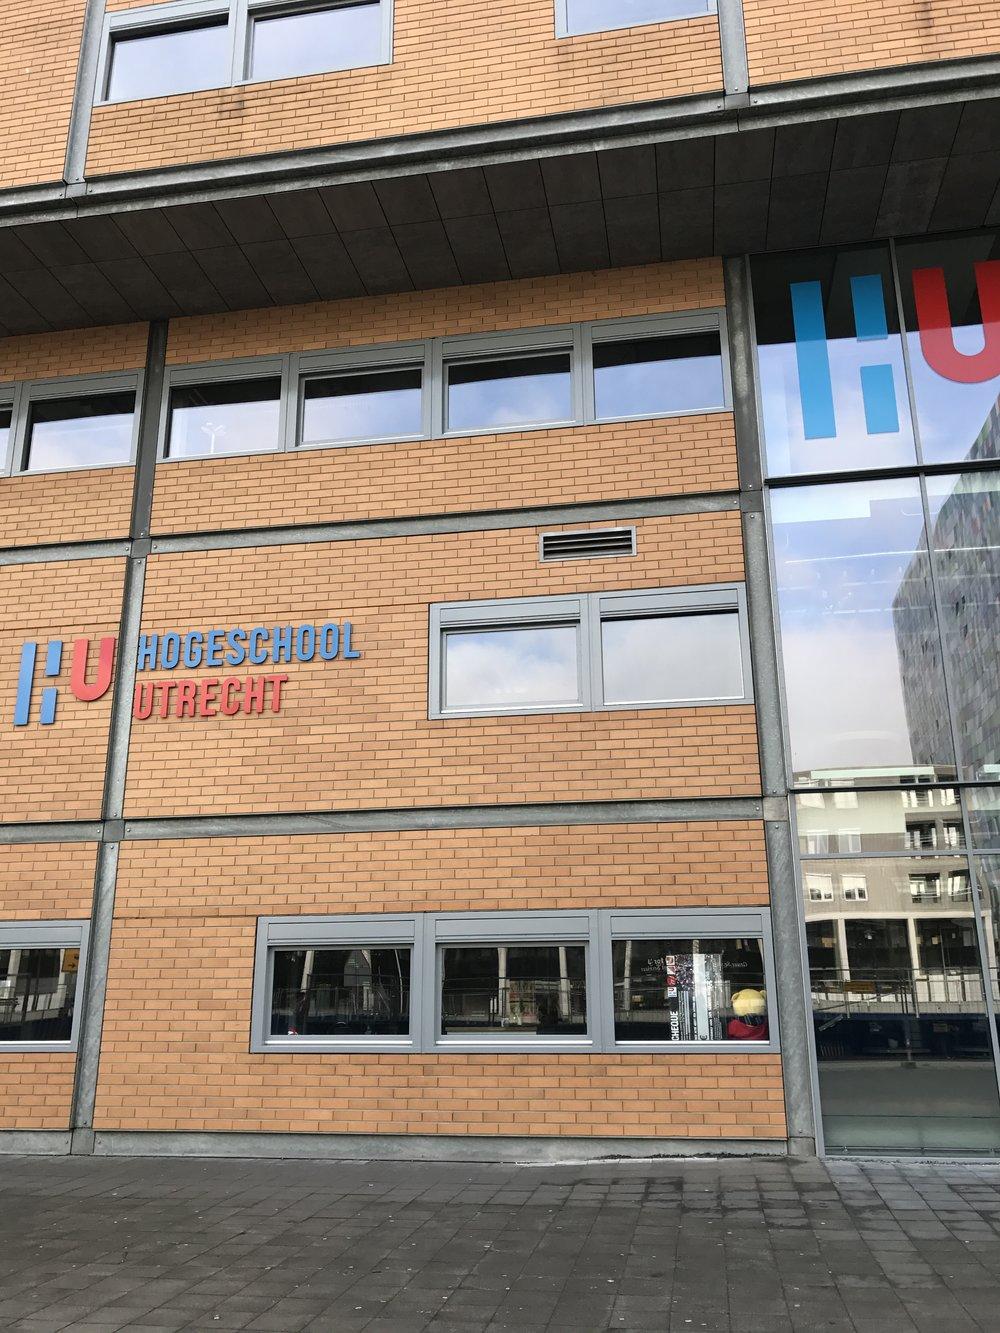 Hogeschool van Utrecht. Utrecht, Netherlands.